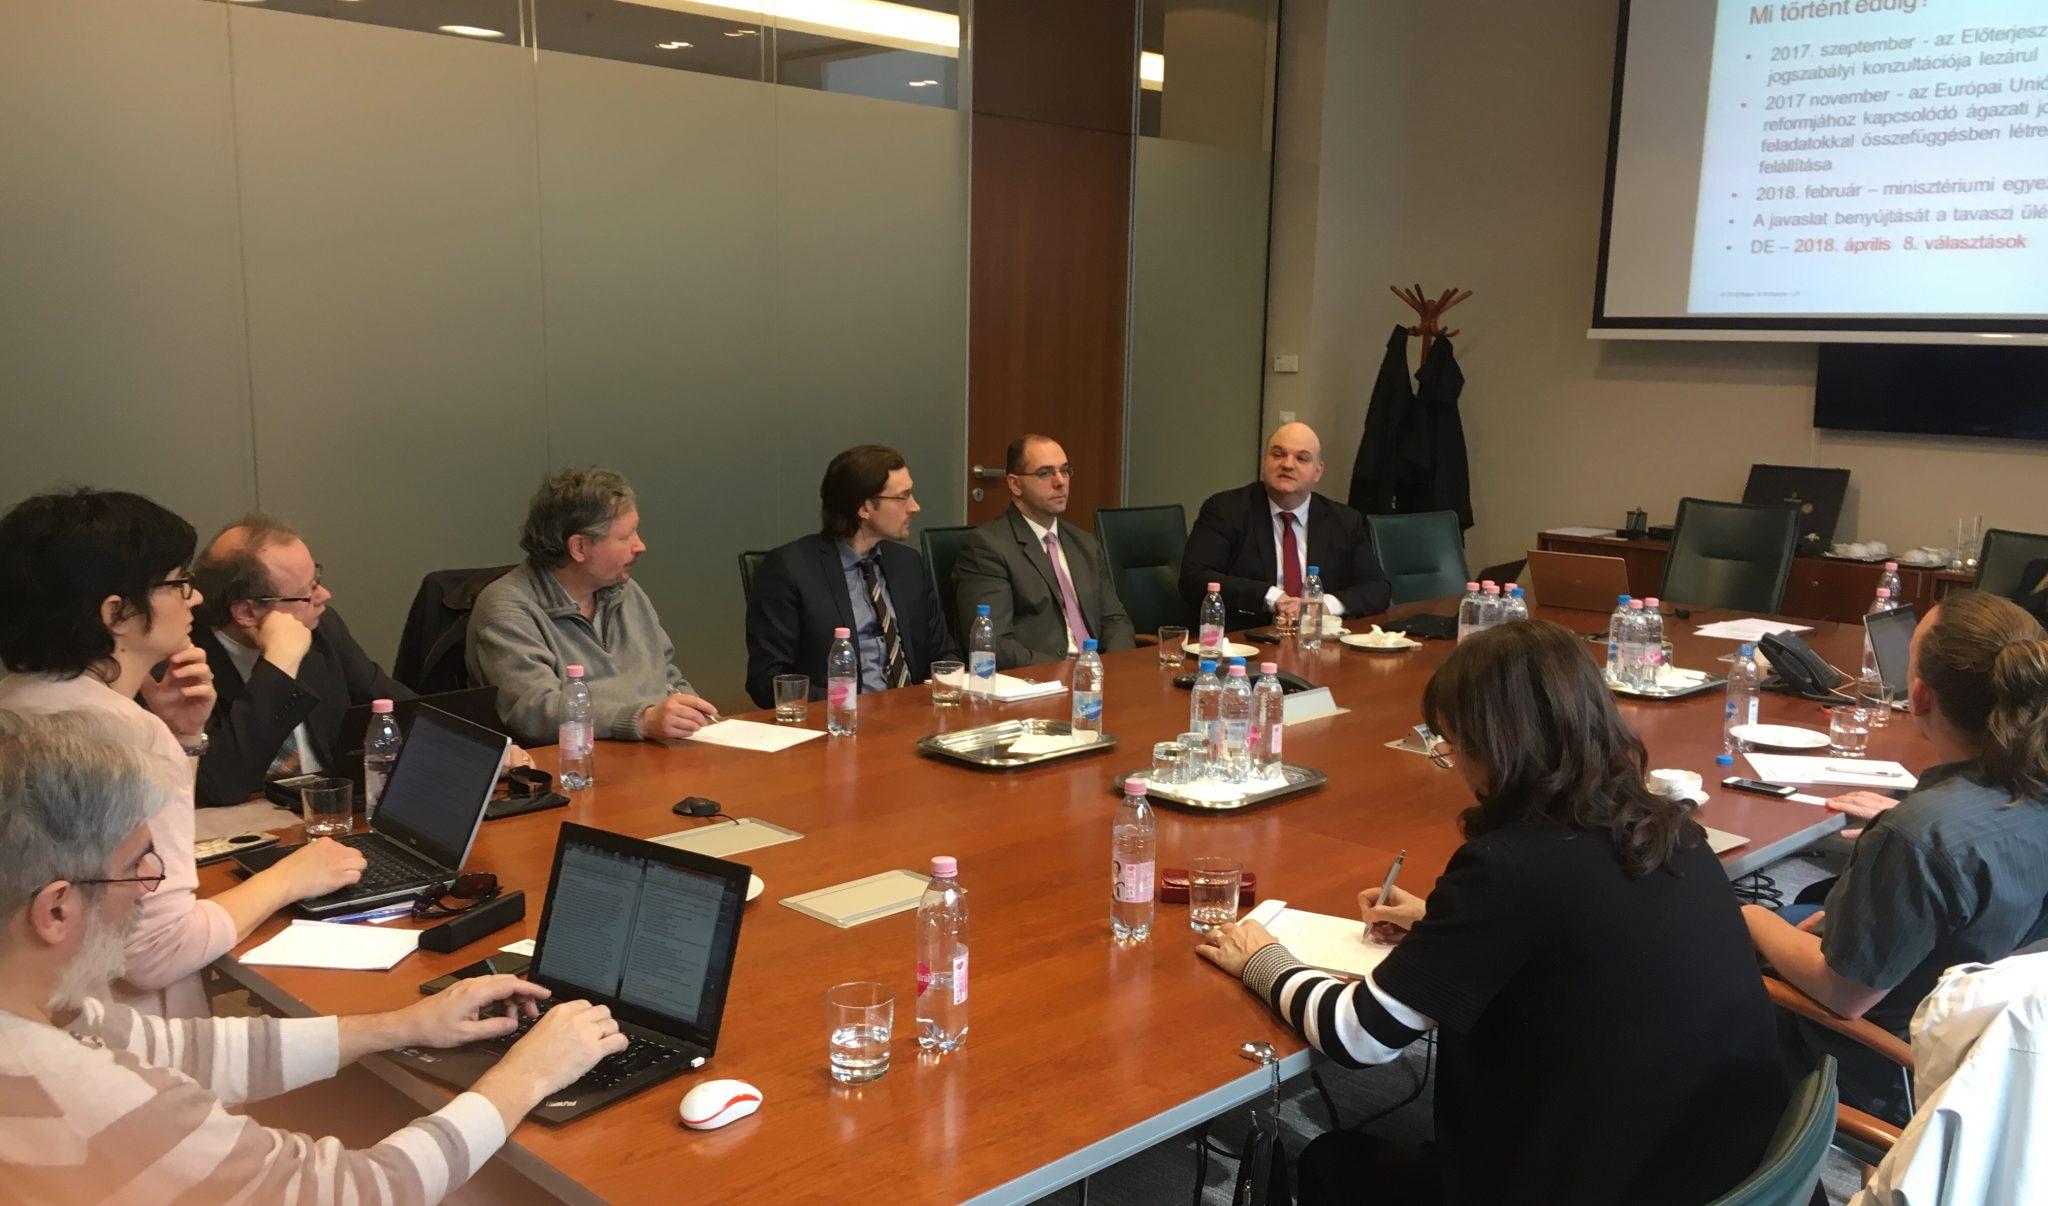 GDPR Sajtókerekasztalt tartottunk a Baker & McKenzie-vel